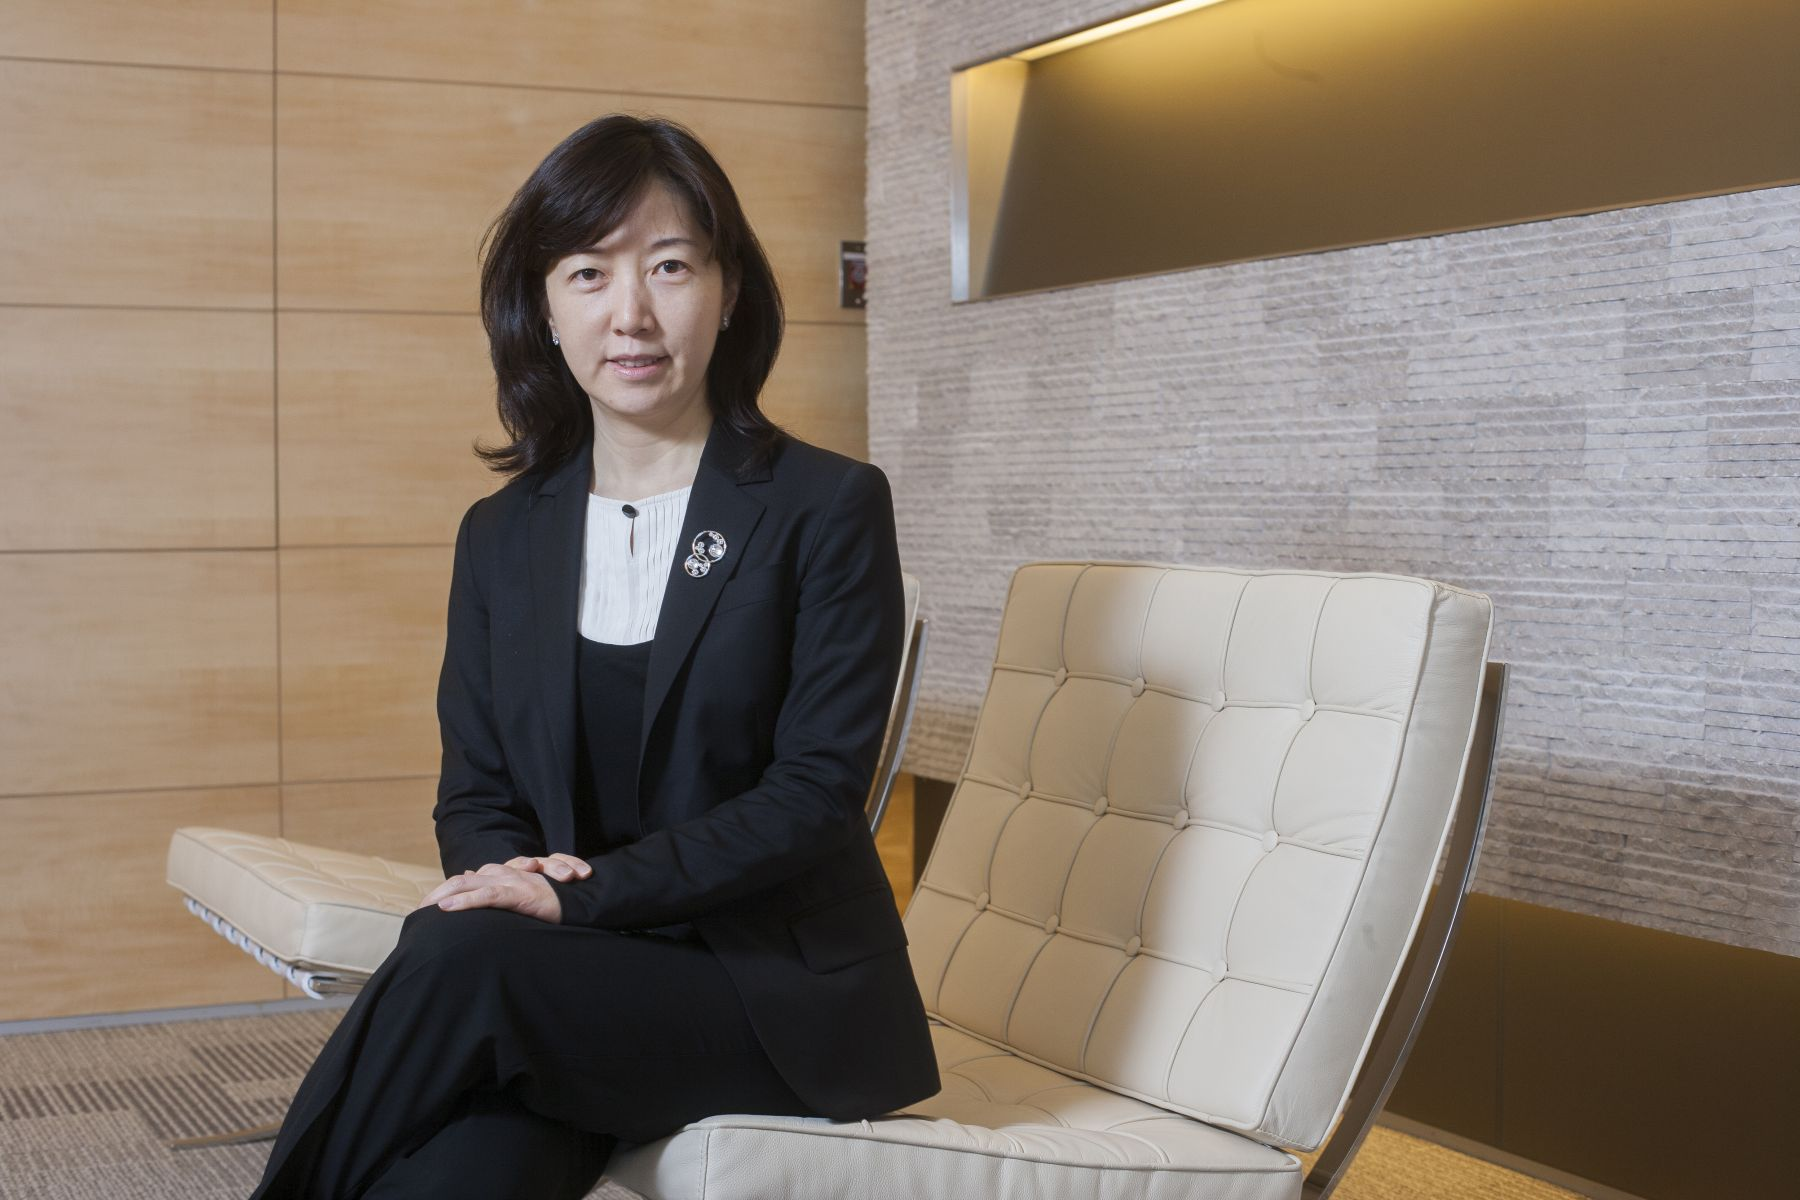 凱基銀行新任總經理曹慧姝